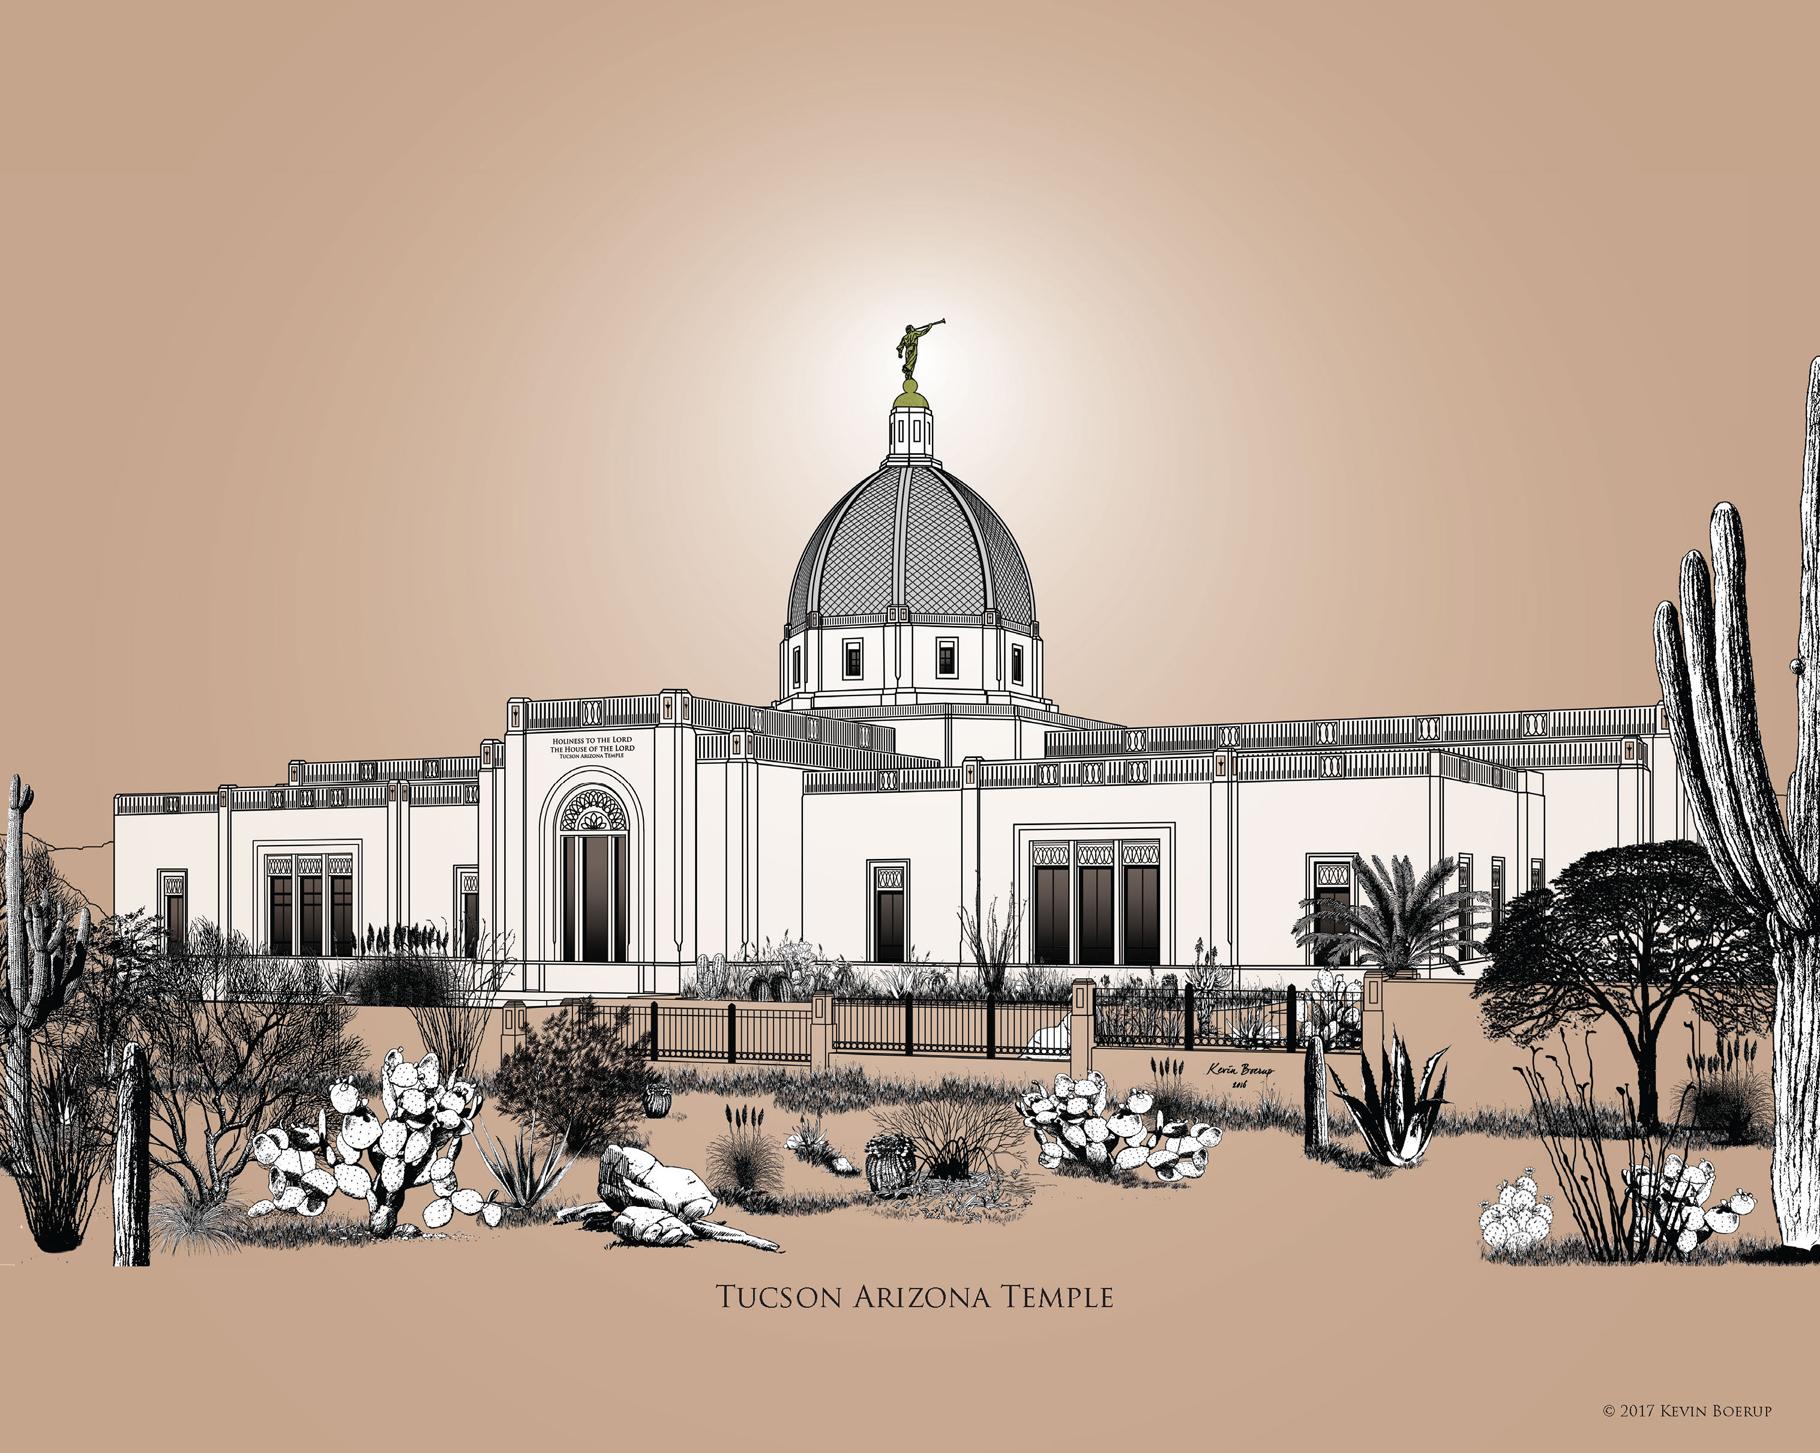 Tucson Temple 8 x 10